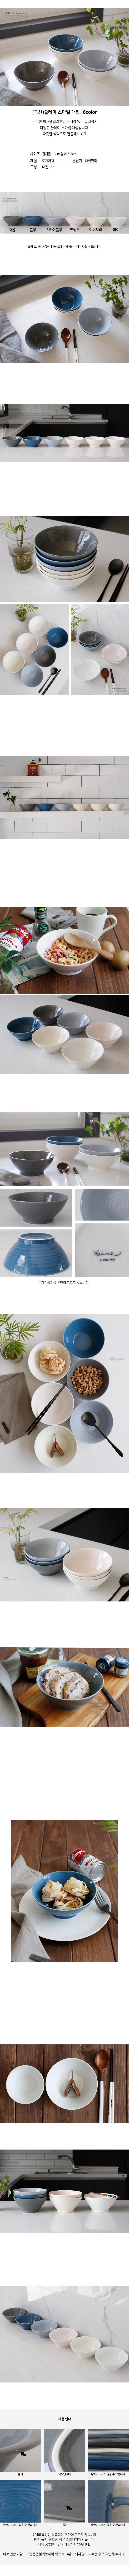 (국산)쏠레이 스마일 대접- 6color - 체리하우스, 9,000원, 밥공기/국공기, 밥공기